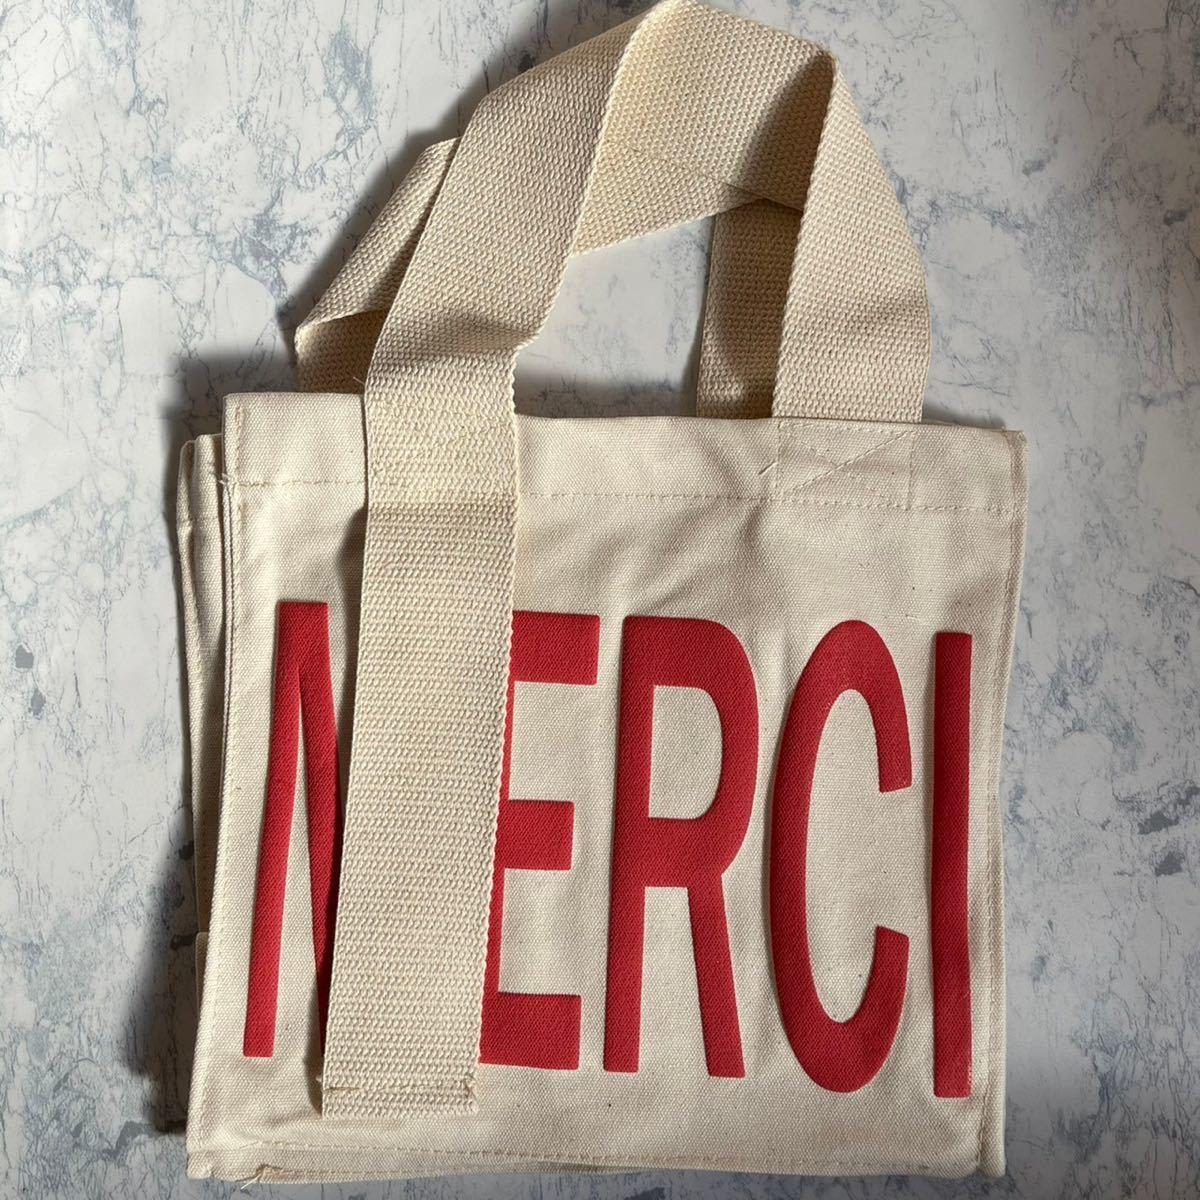 キャンバス トートバッグ ベージュ A4 大容量 メルシー ロゴ マザーズバッグ 韓国 エコバッグ 通勤 通学 海外 merci